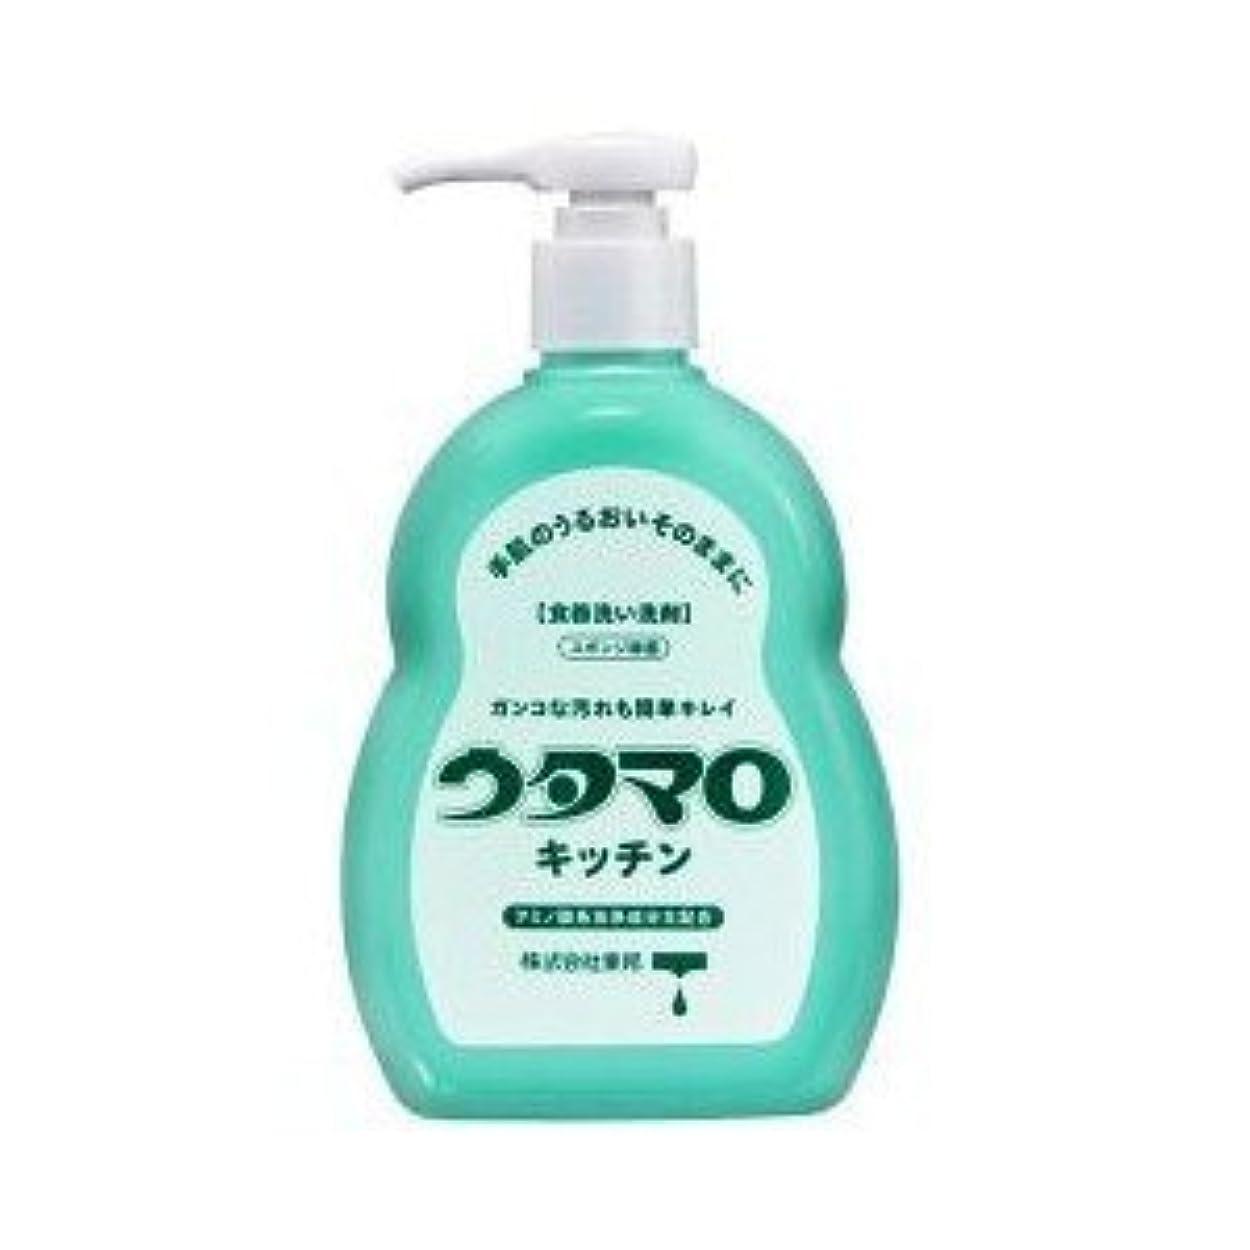 所得第二に栄養ウタマロ キッチン 300ml 洗剤 洗浄剤 キッチン用 アミノ酸系洗浄成分主配合 さわやかなグリーンハーブの香り